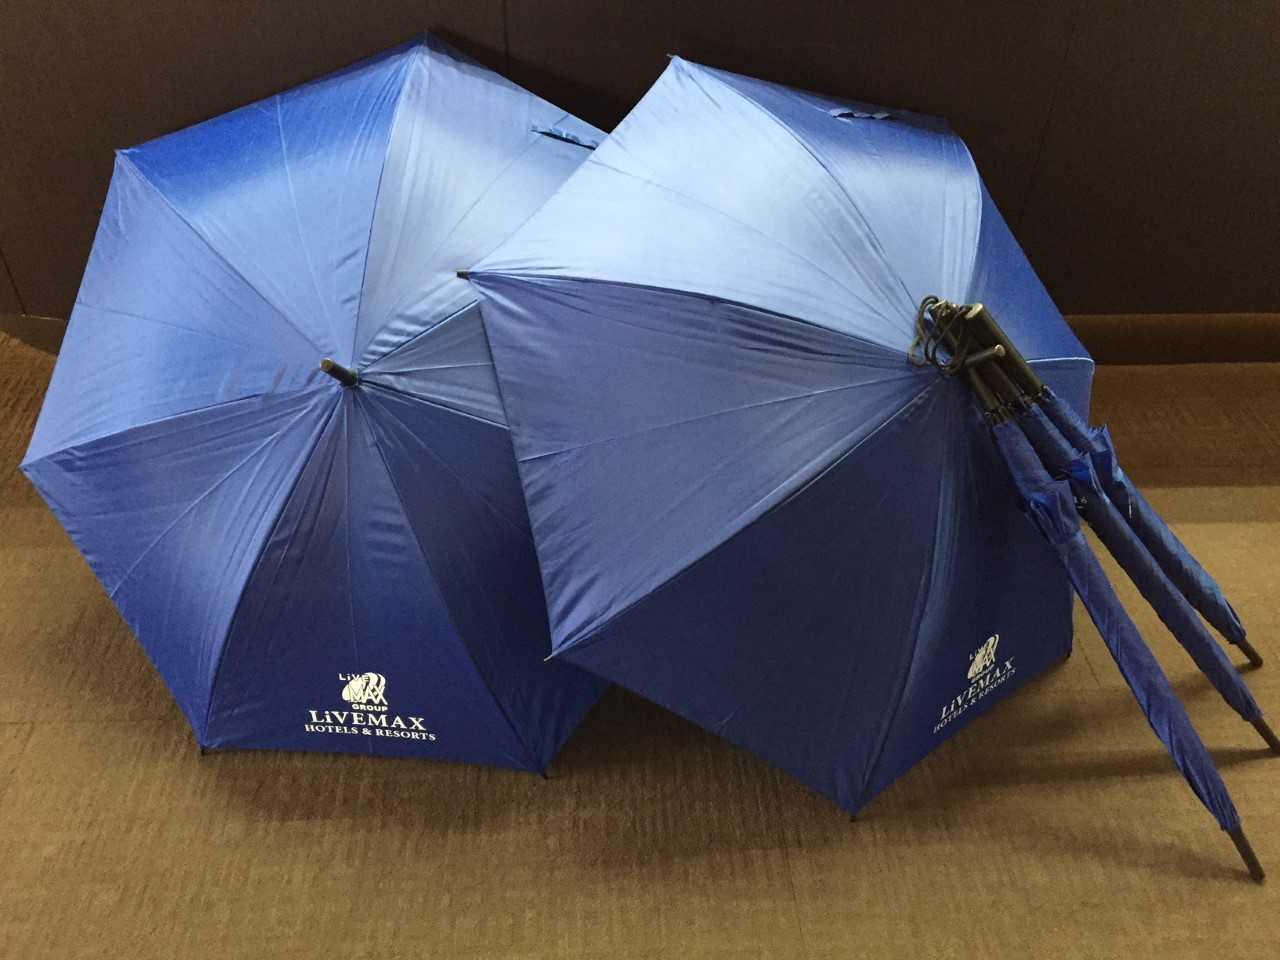 貸し出し用オリジナルロゴ入り傘☆